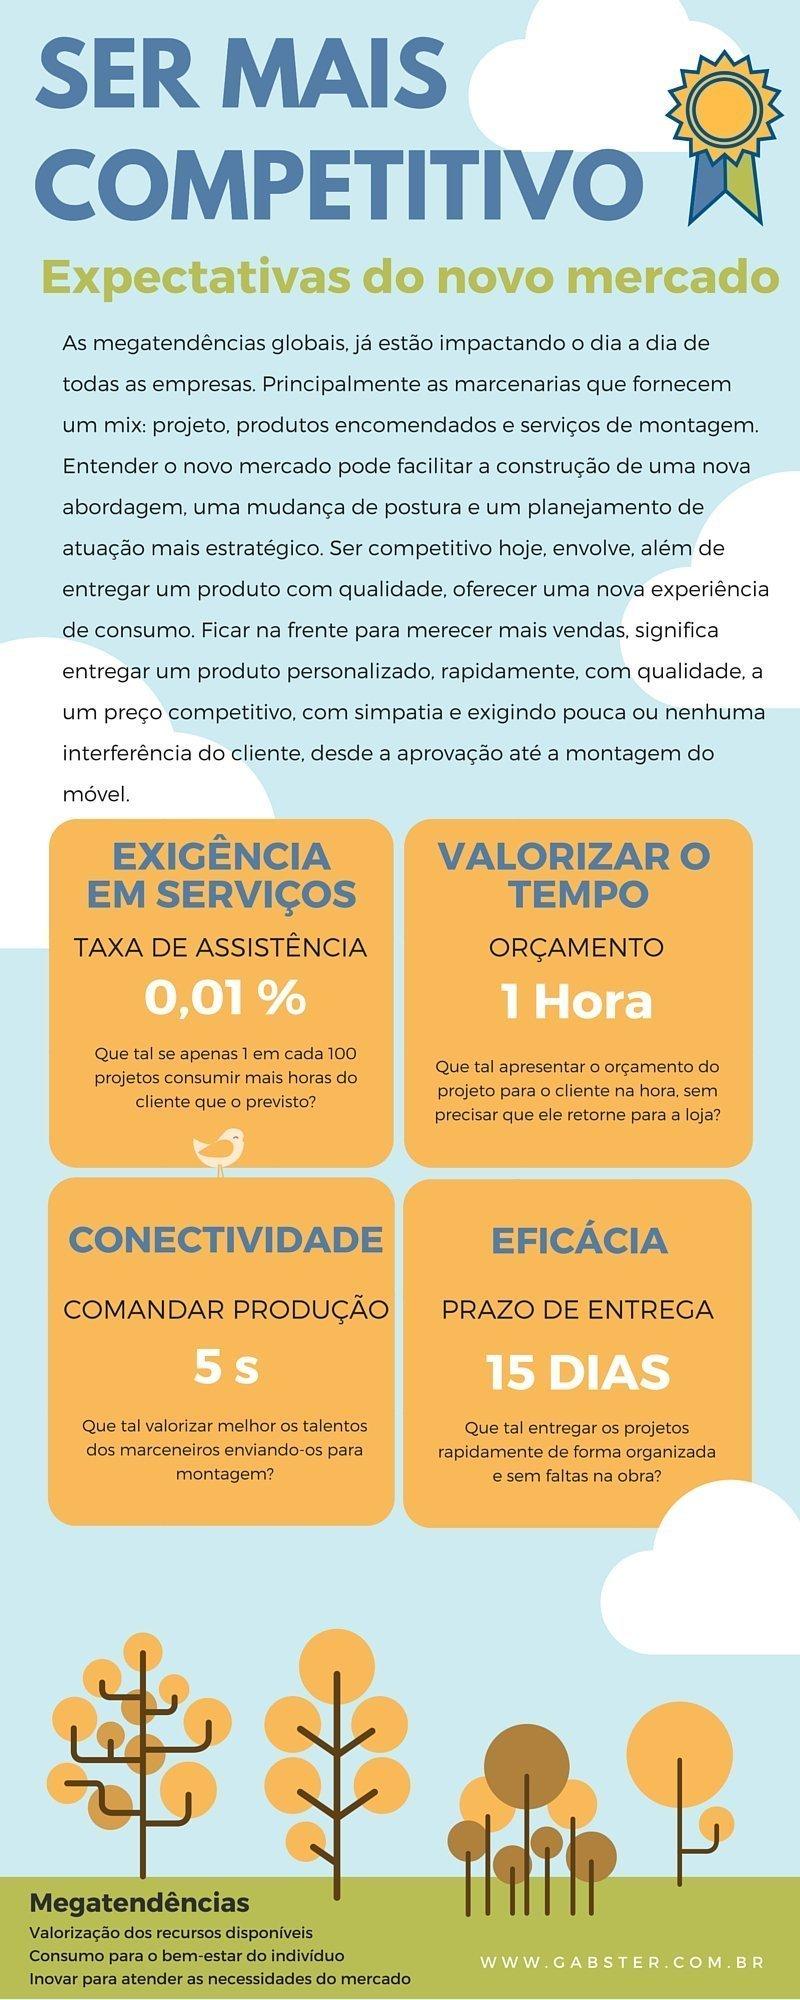 infografico-ser-mais-competitivo-gabster